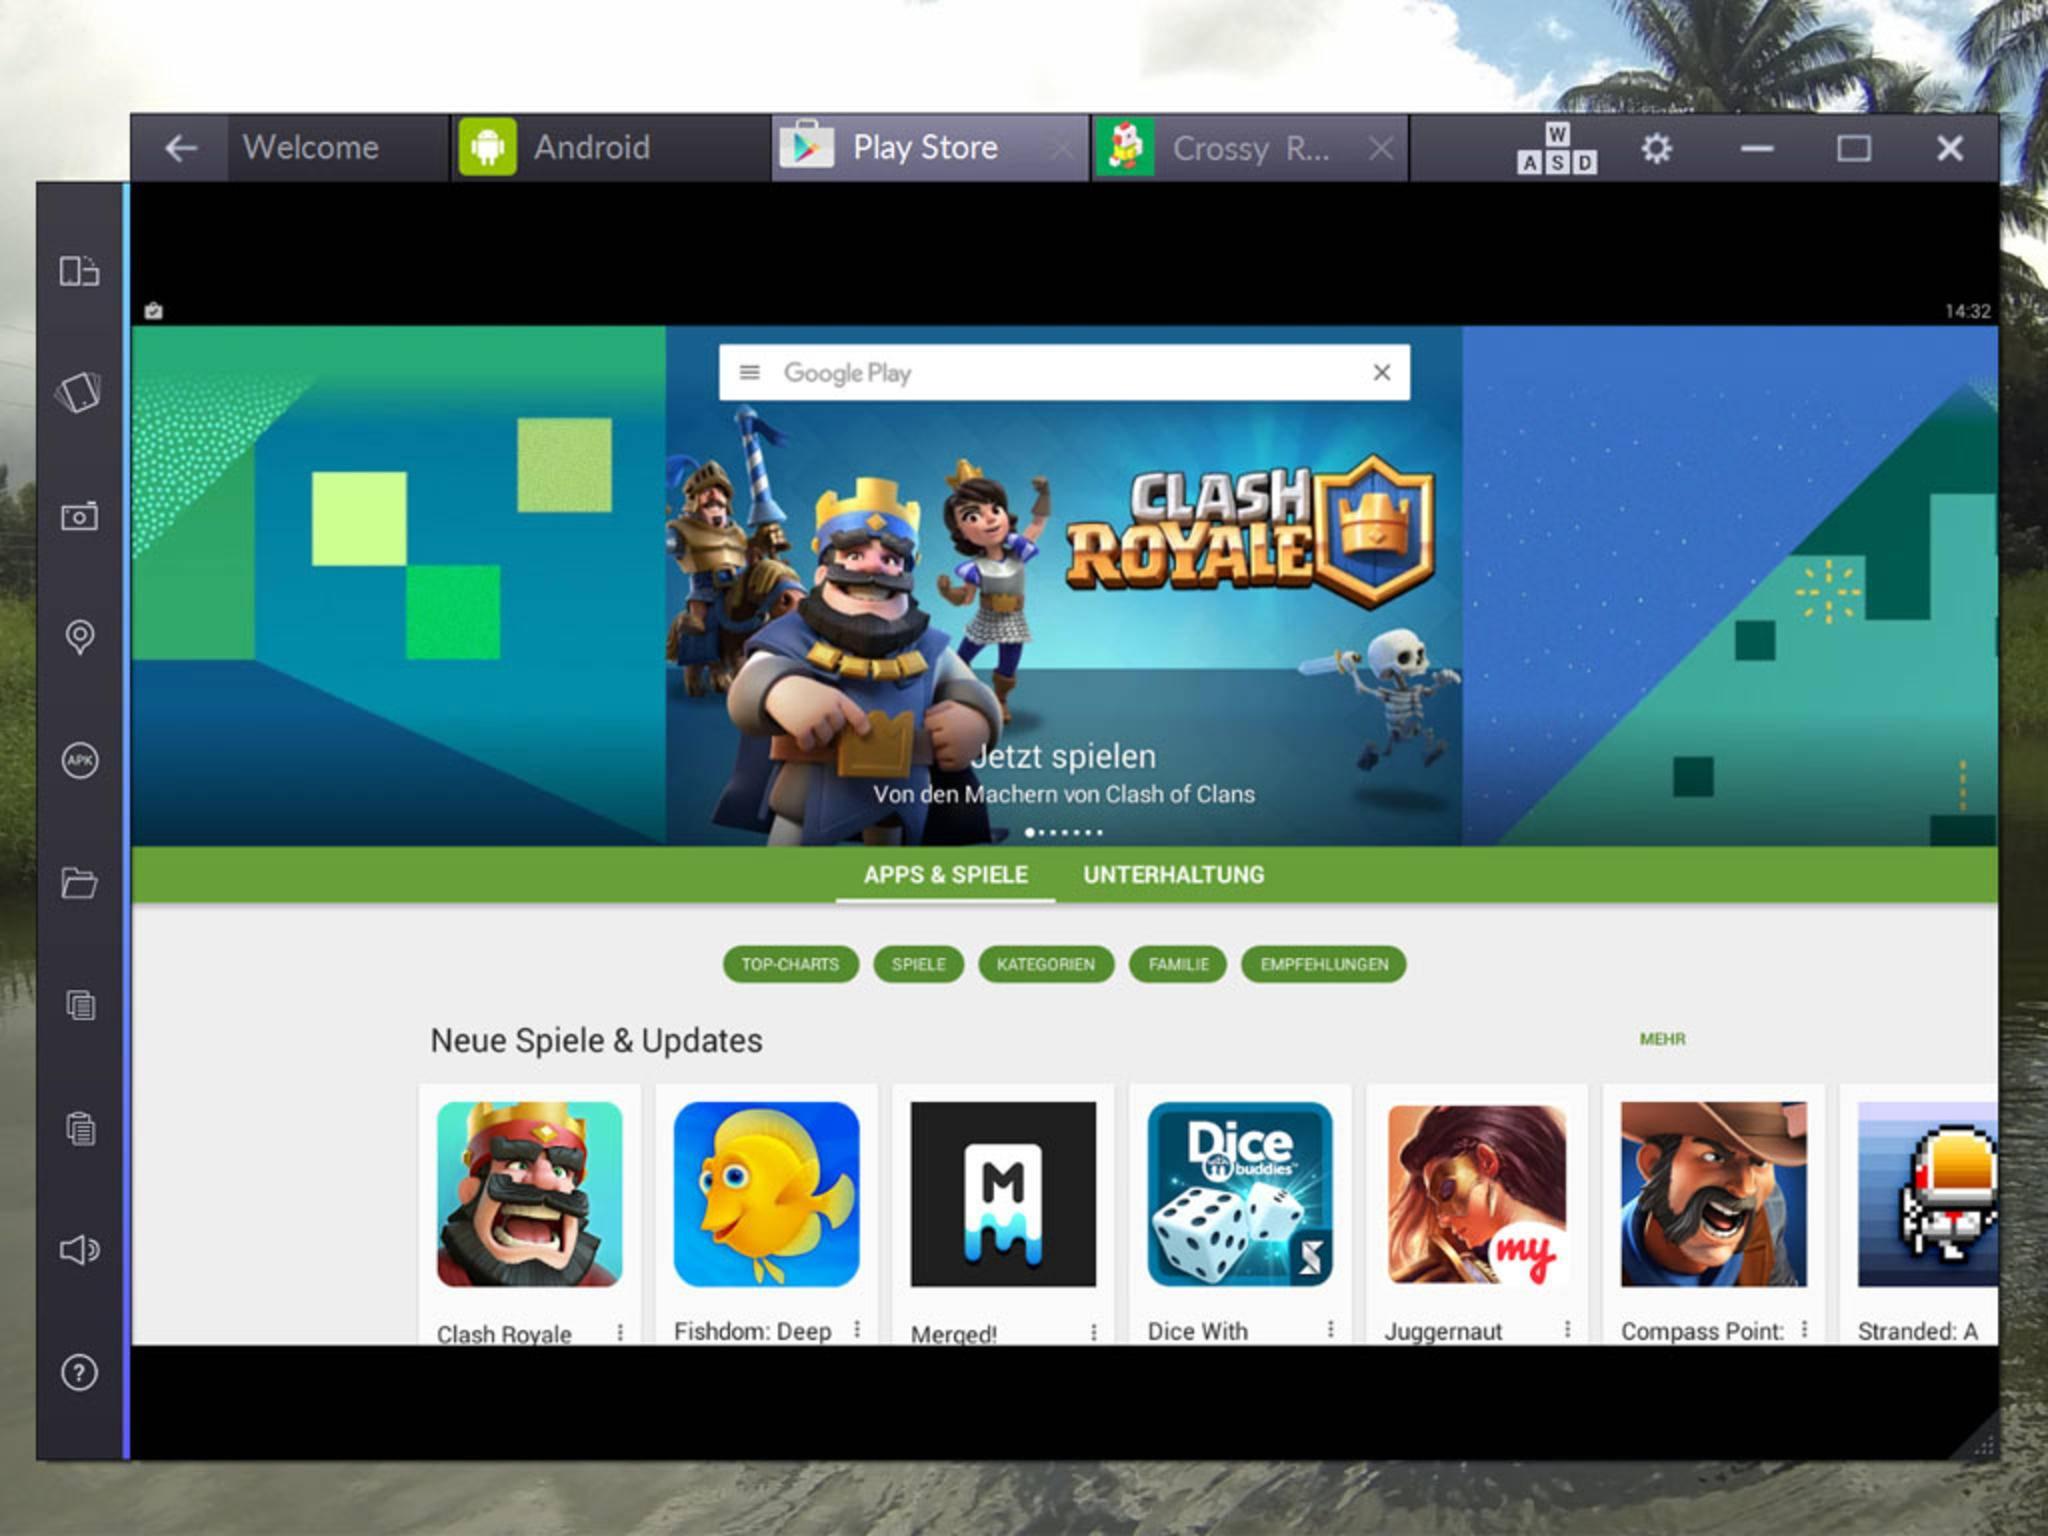 Du kannst im Anschluss im Play Store stöbern.